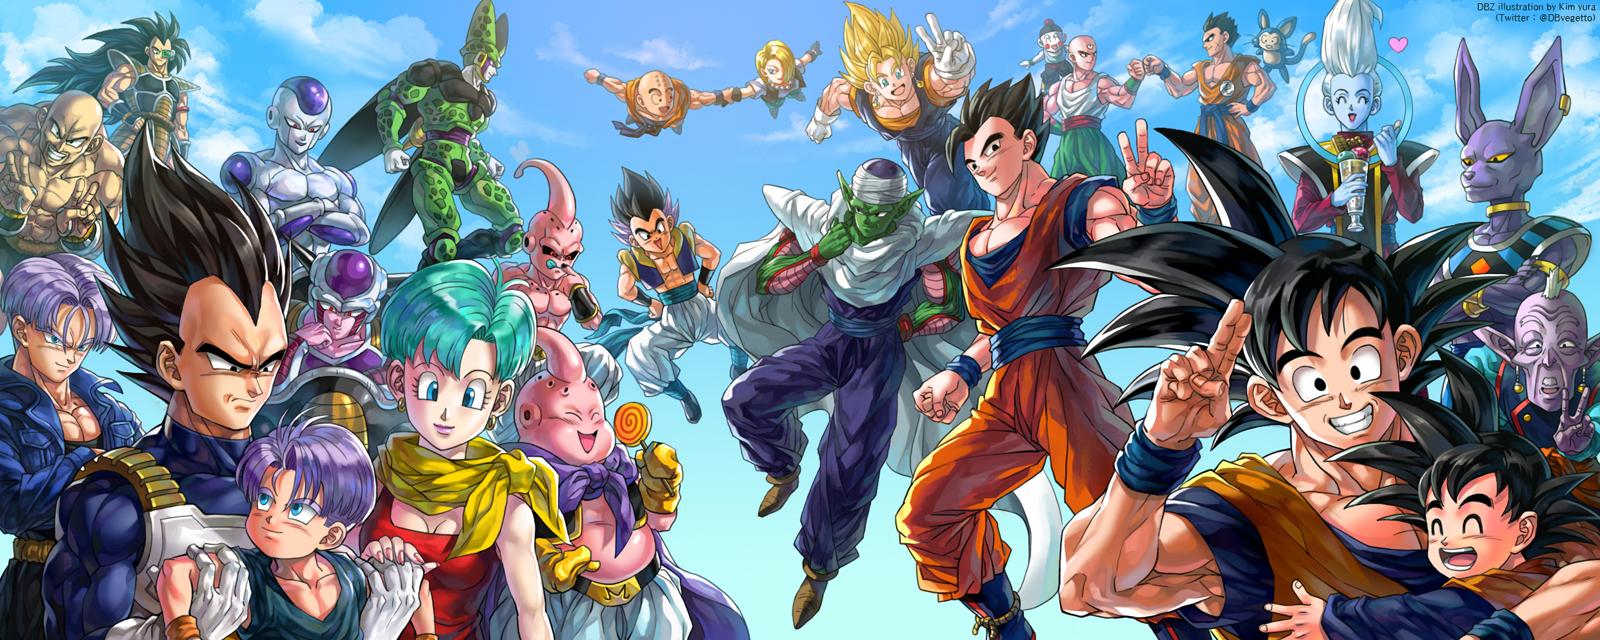 Patada De Caballo Fondos Animados: Patada De Caballo: Dragon Ball Z